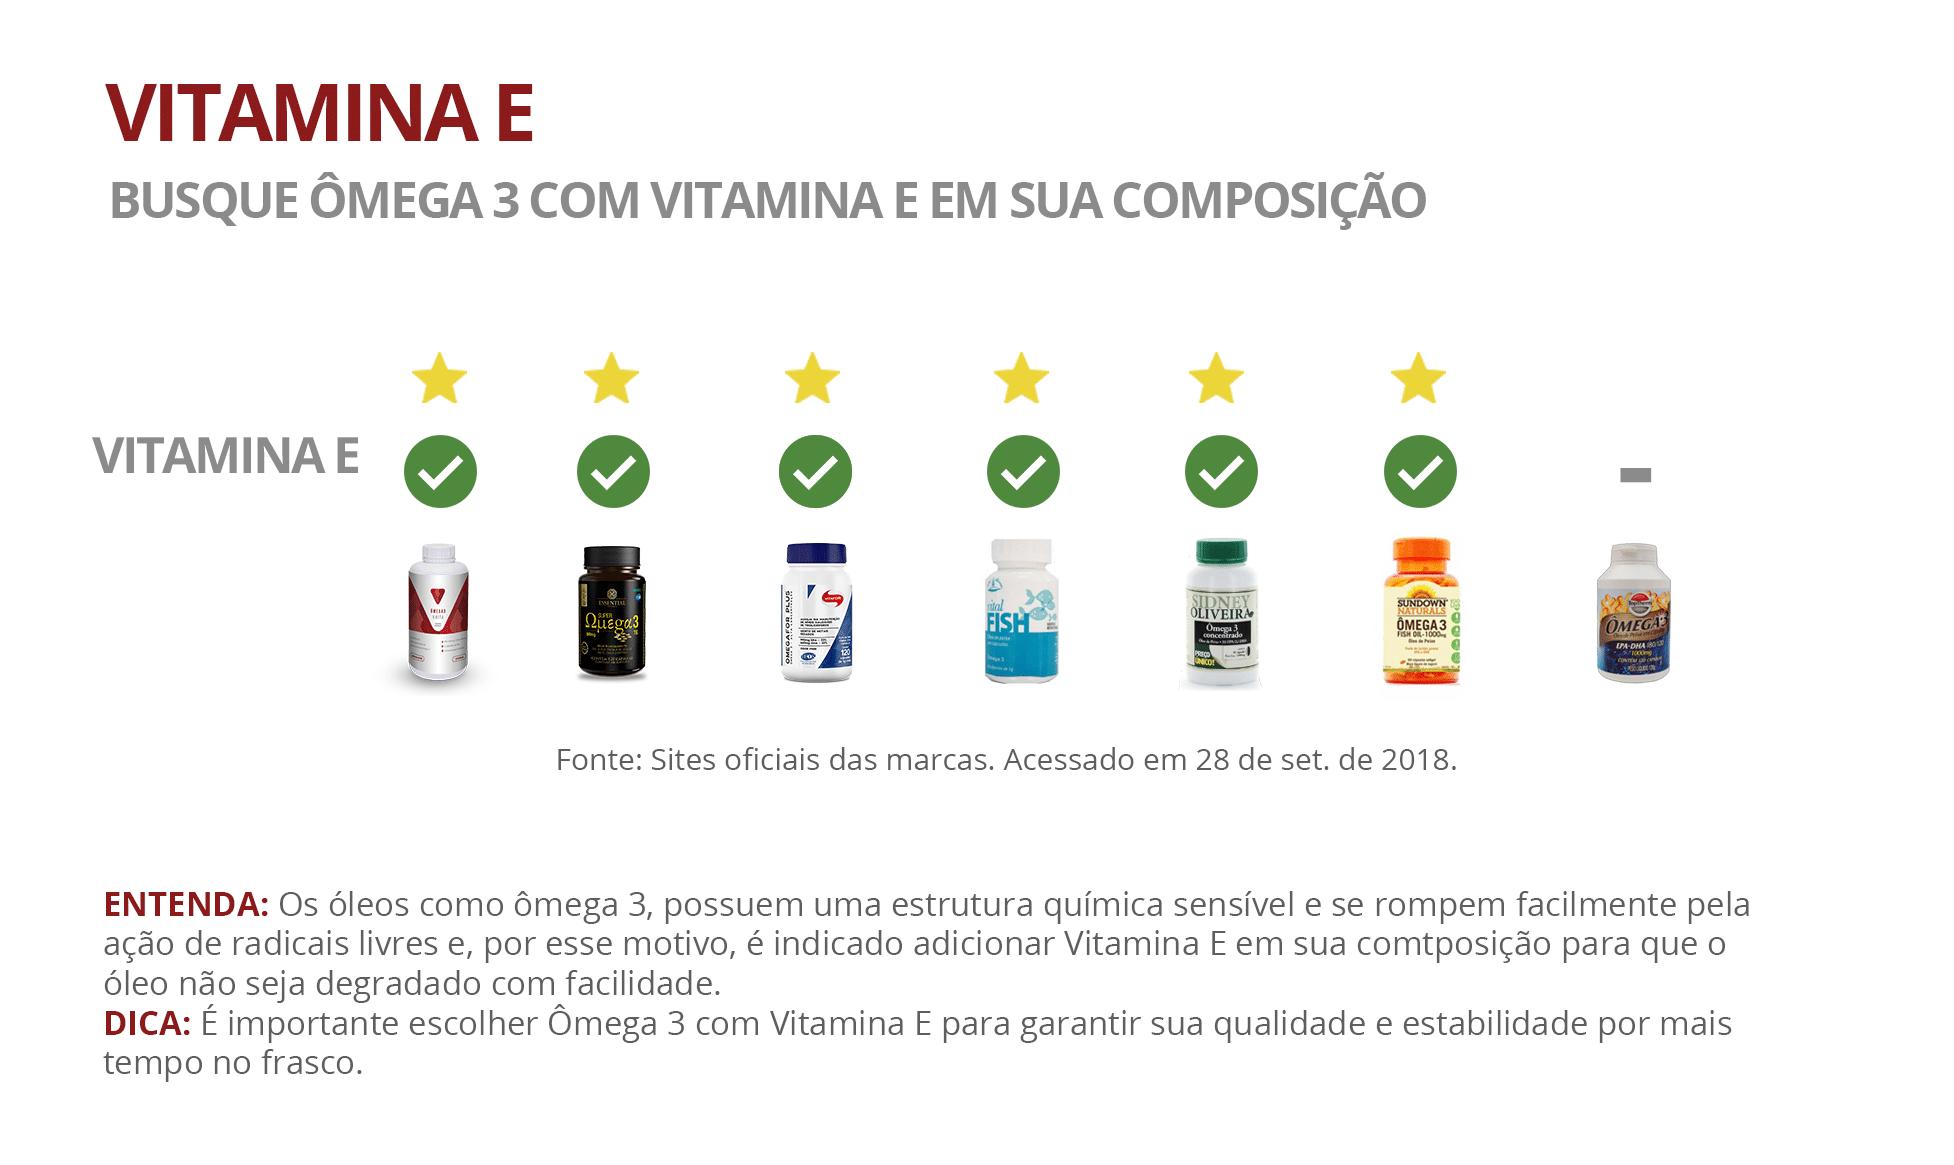 Omega 3 com vitamina E